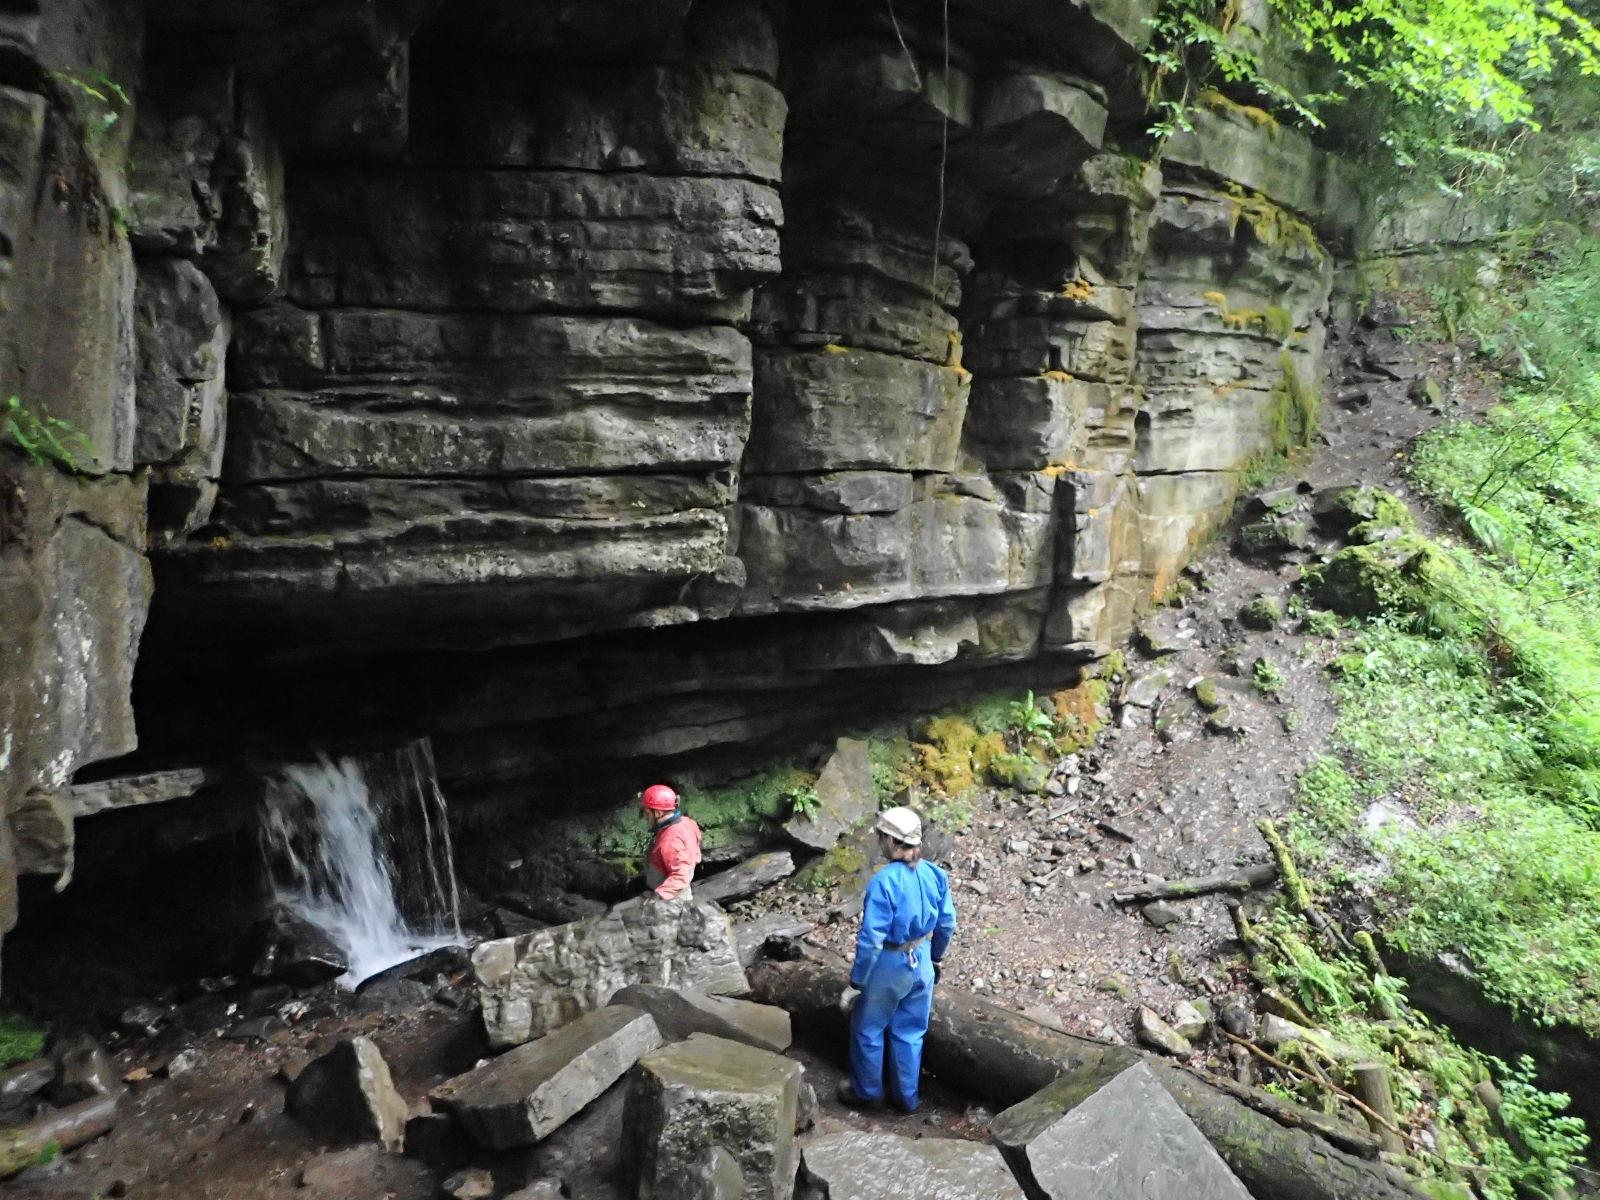 Stream falling out of Ogof Clogwyn entrance